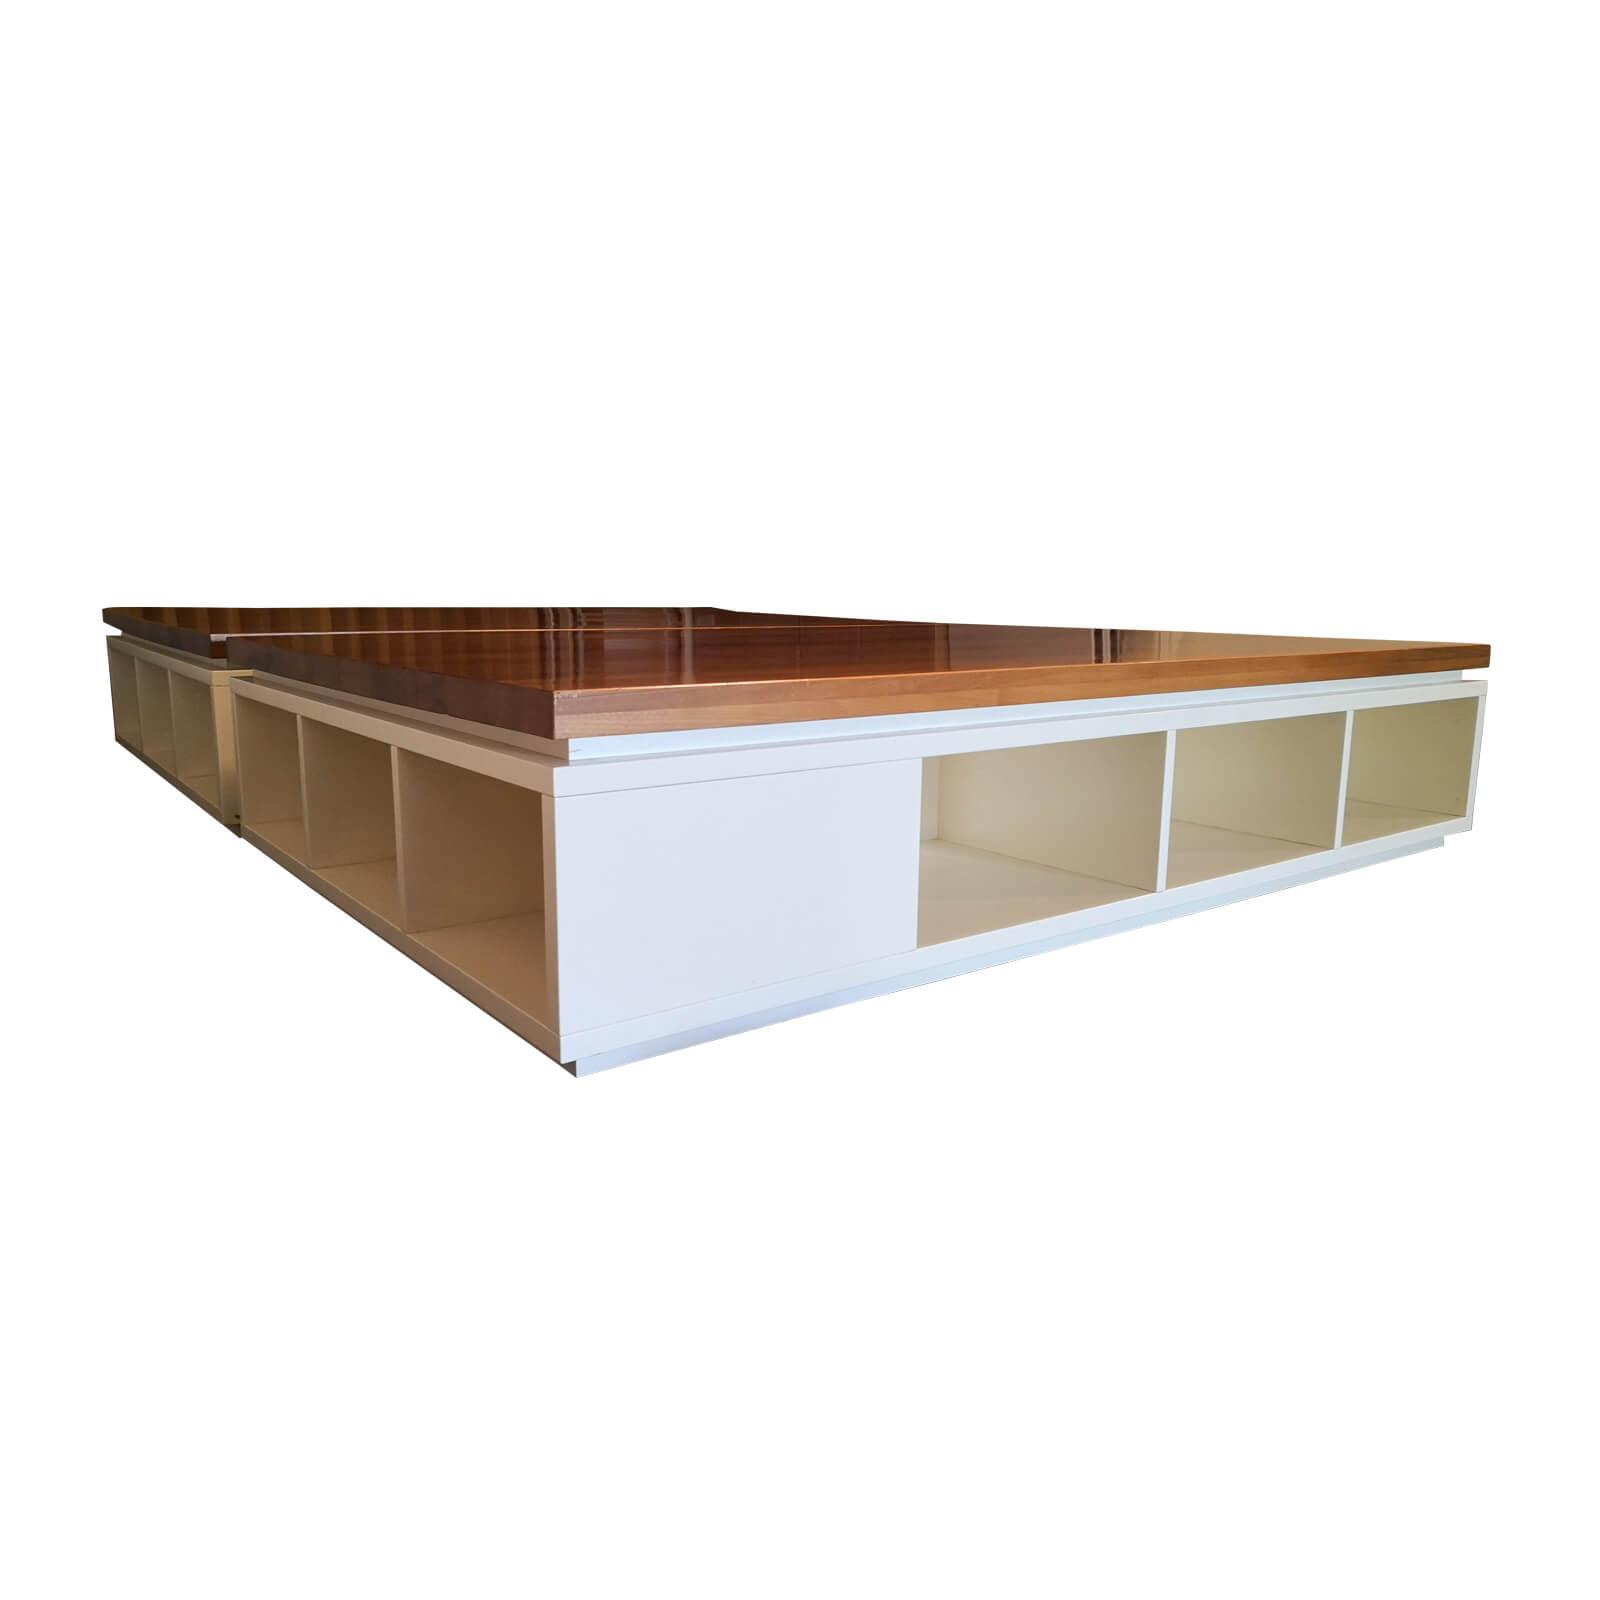 Two Design Lovers kids platform bed base and storage end corner set two